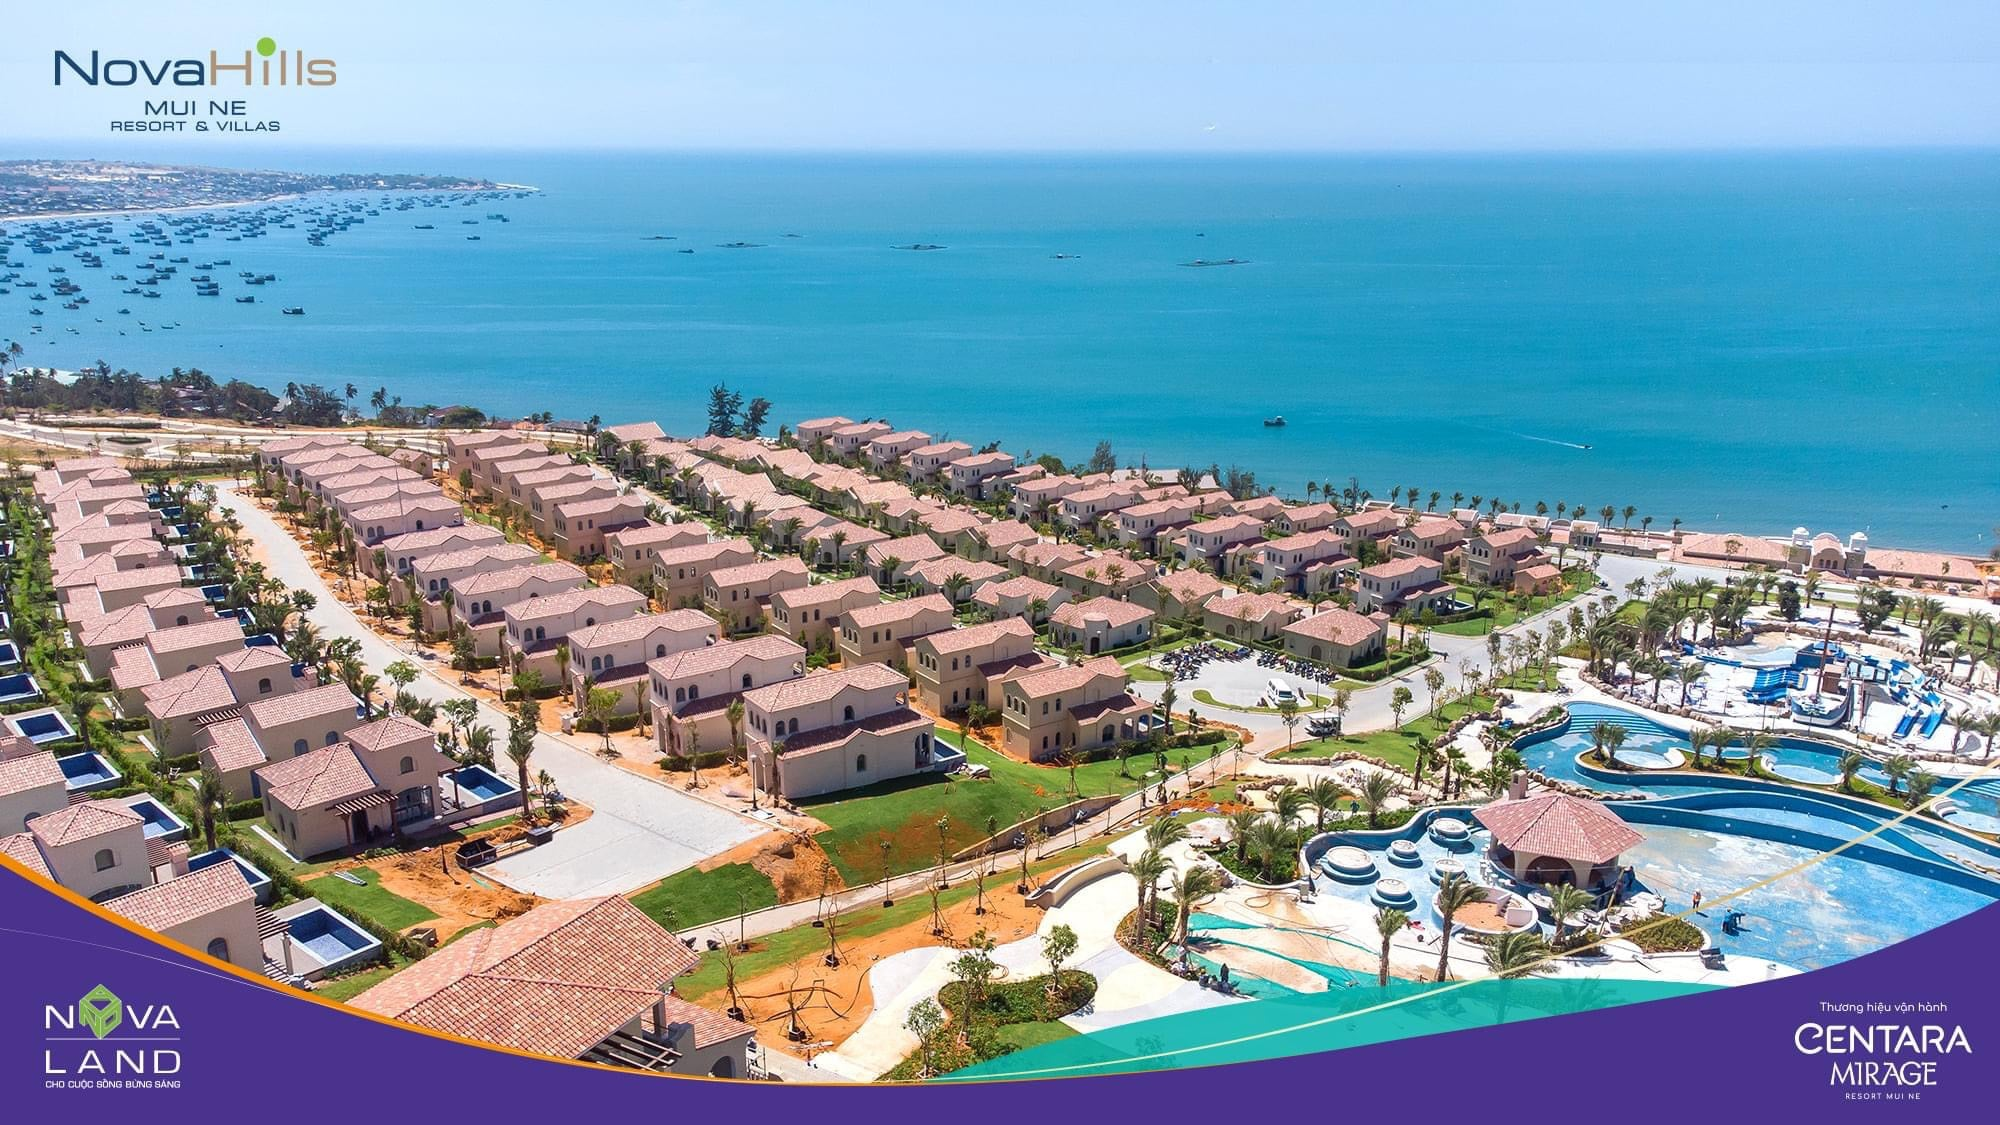 Phối cảnh NovaHills Mũi Né Resort & Villas tháng 3/2021